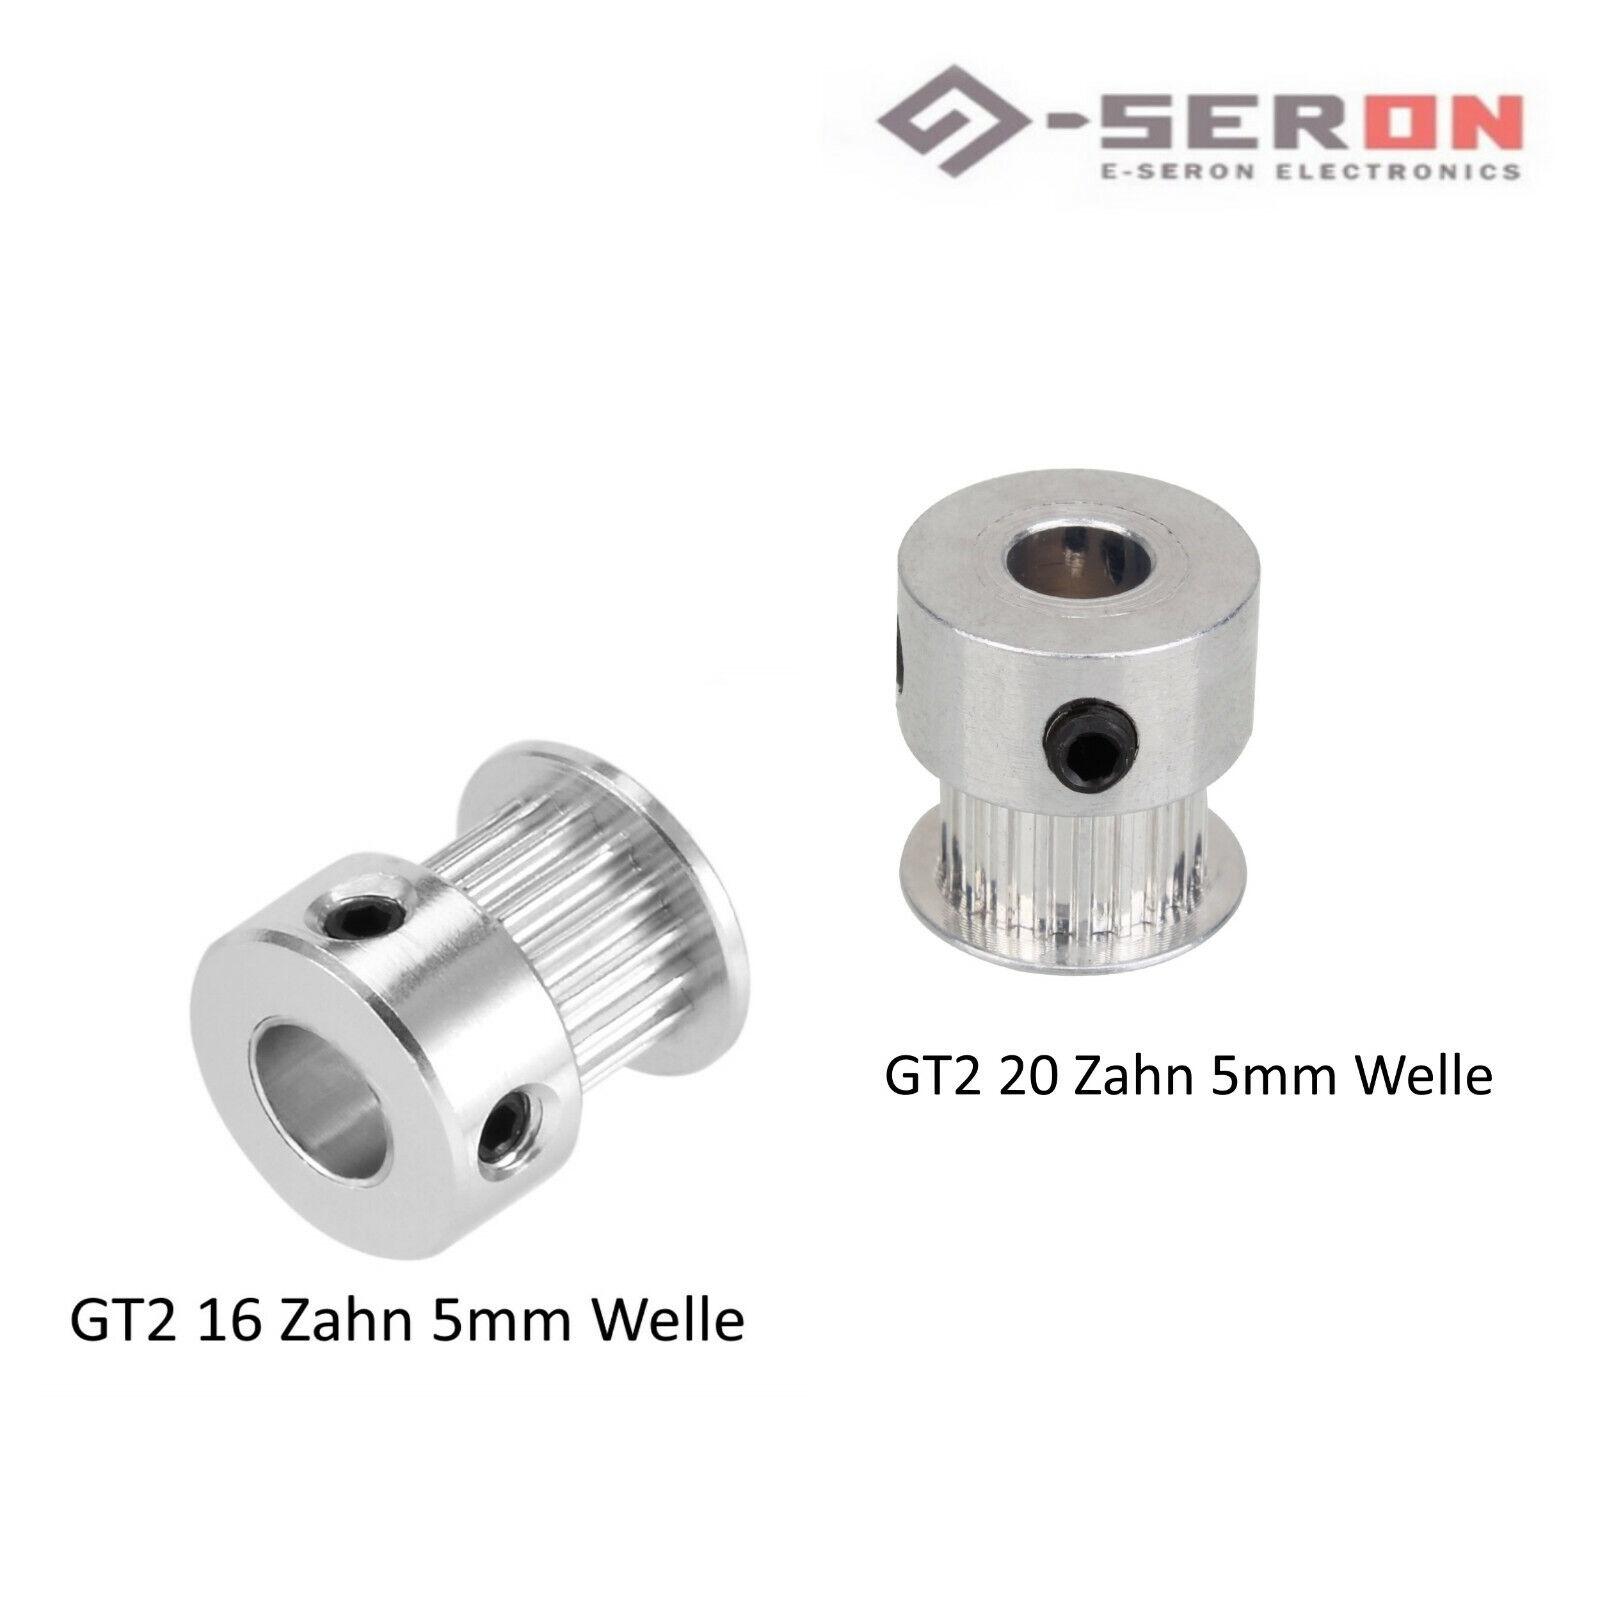 GT2 Zahnrad Pulley CNC 20 oder 16 Zähne 5mm Welle   RepRap Mendel 3D Drucker